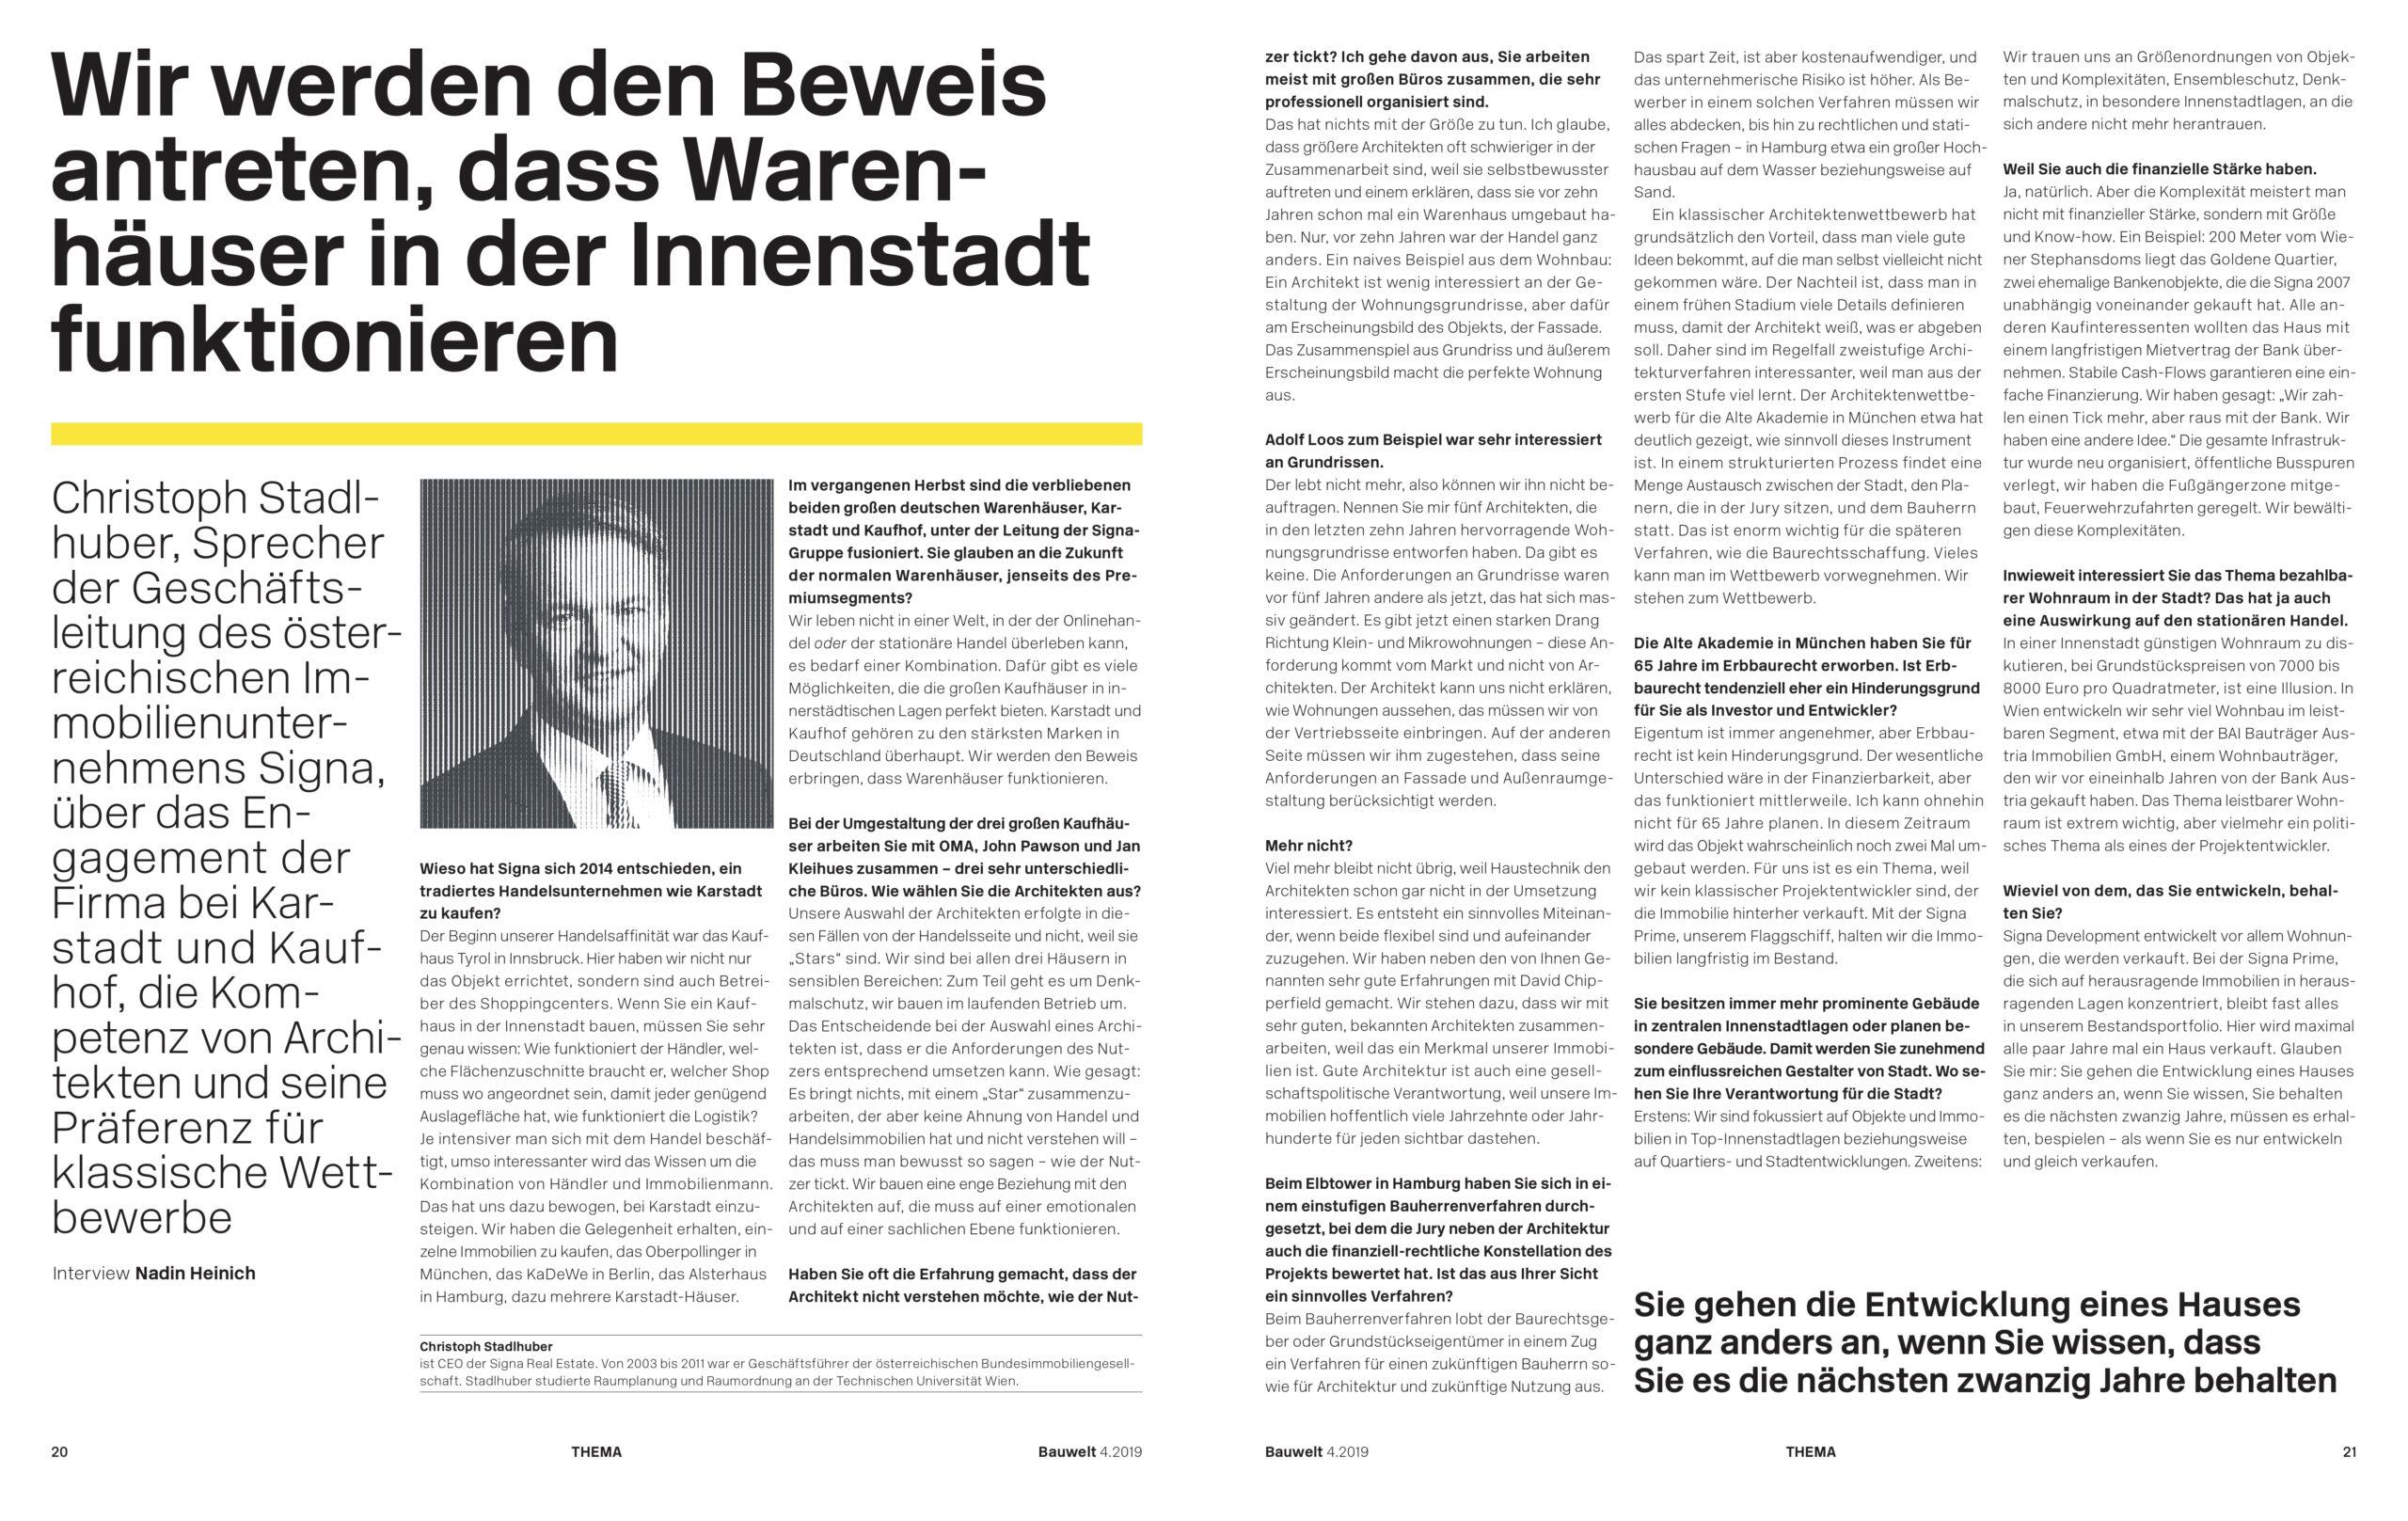 Interview mit Christoph Stadlhuber von SIGNA für Bauwelt